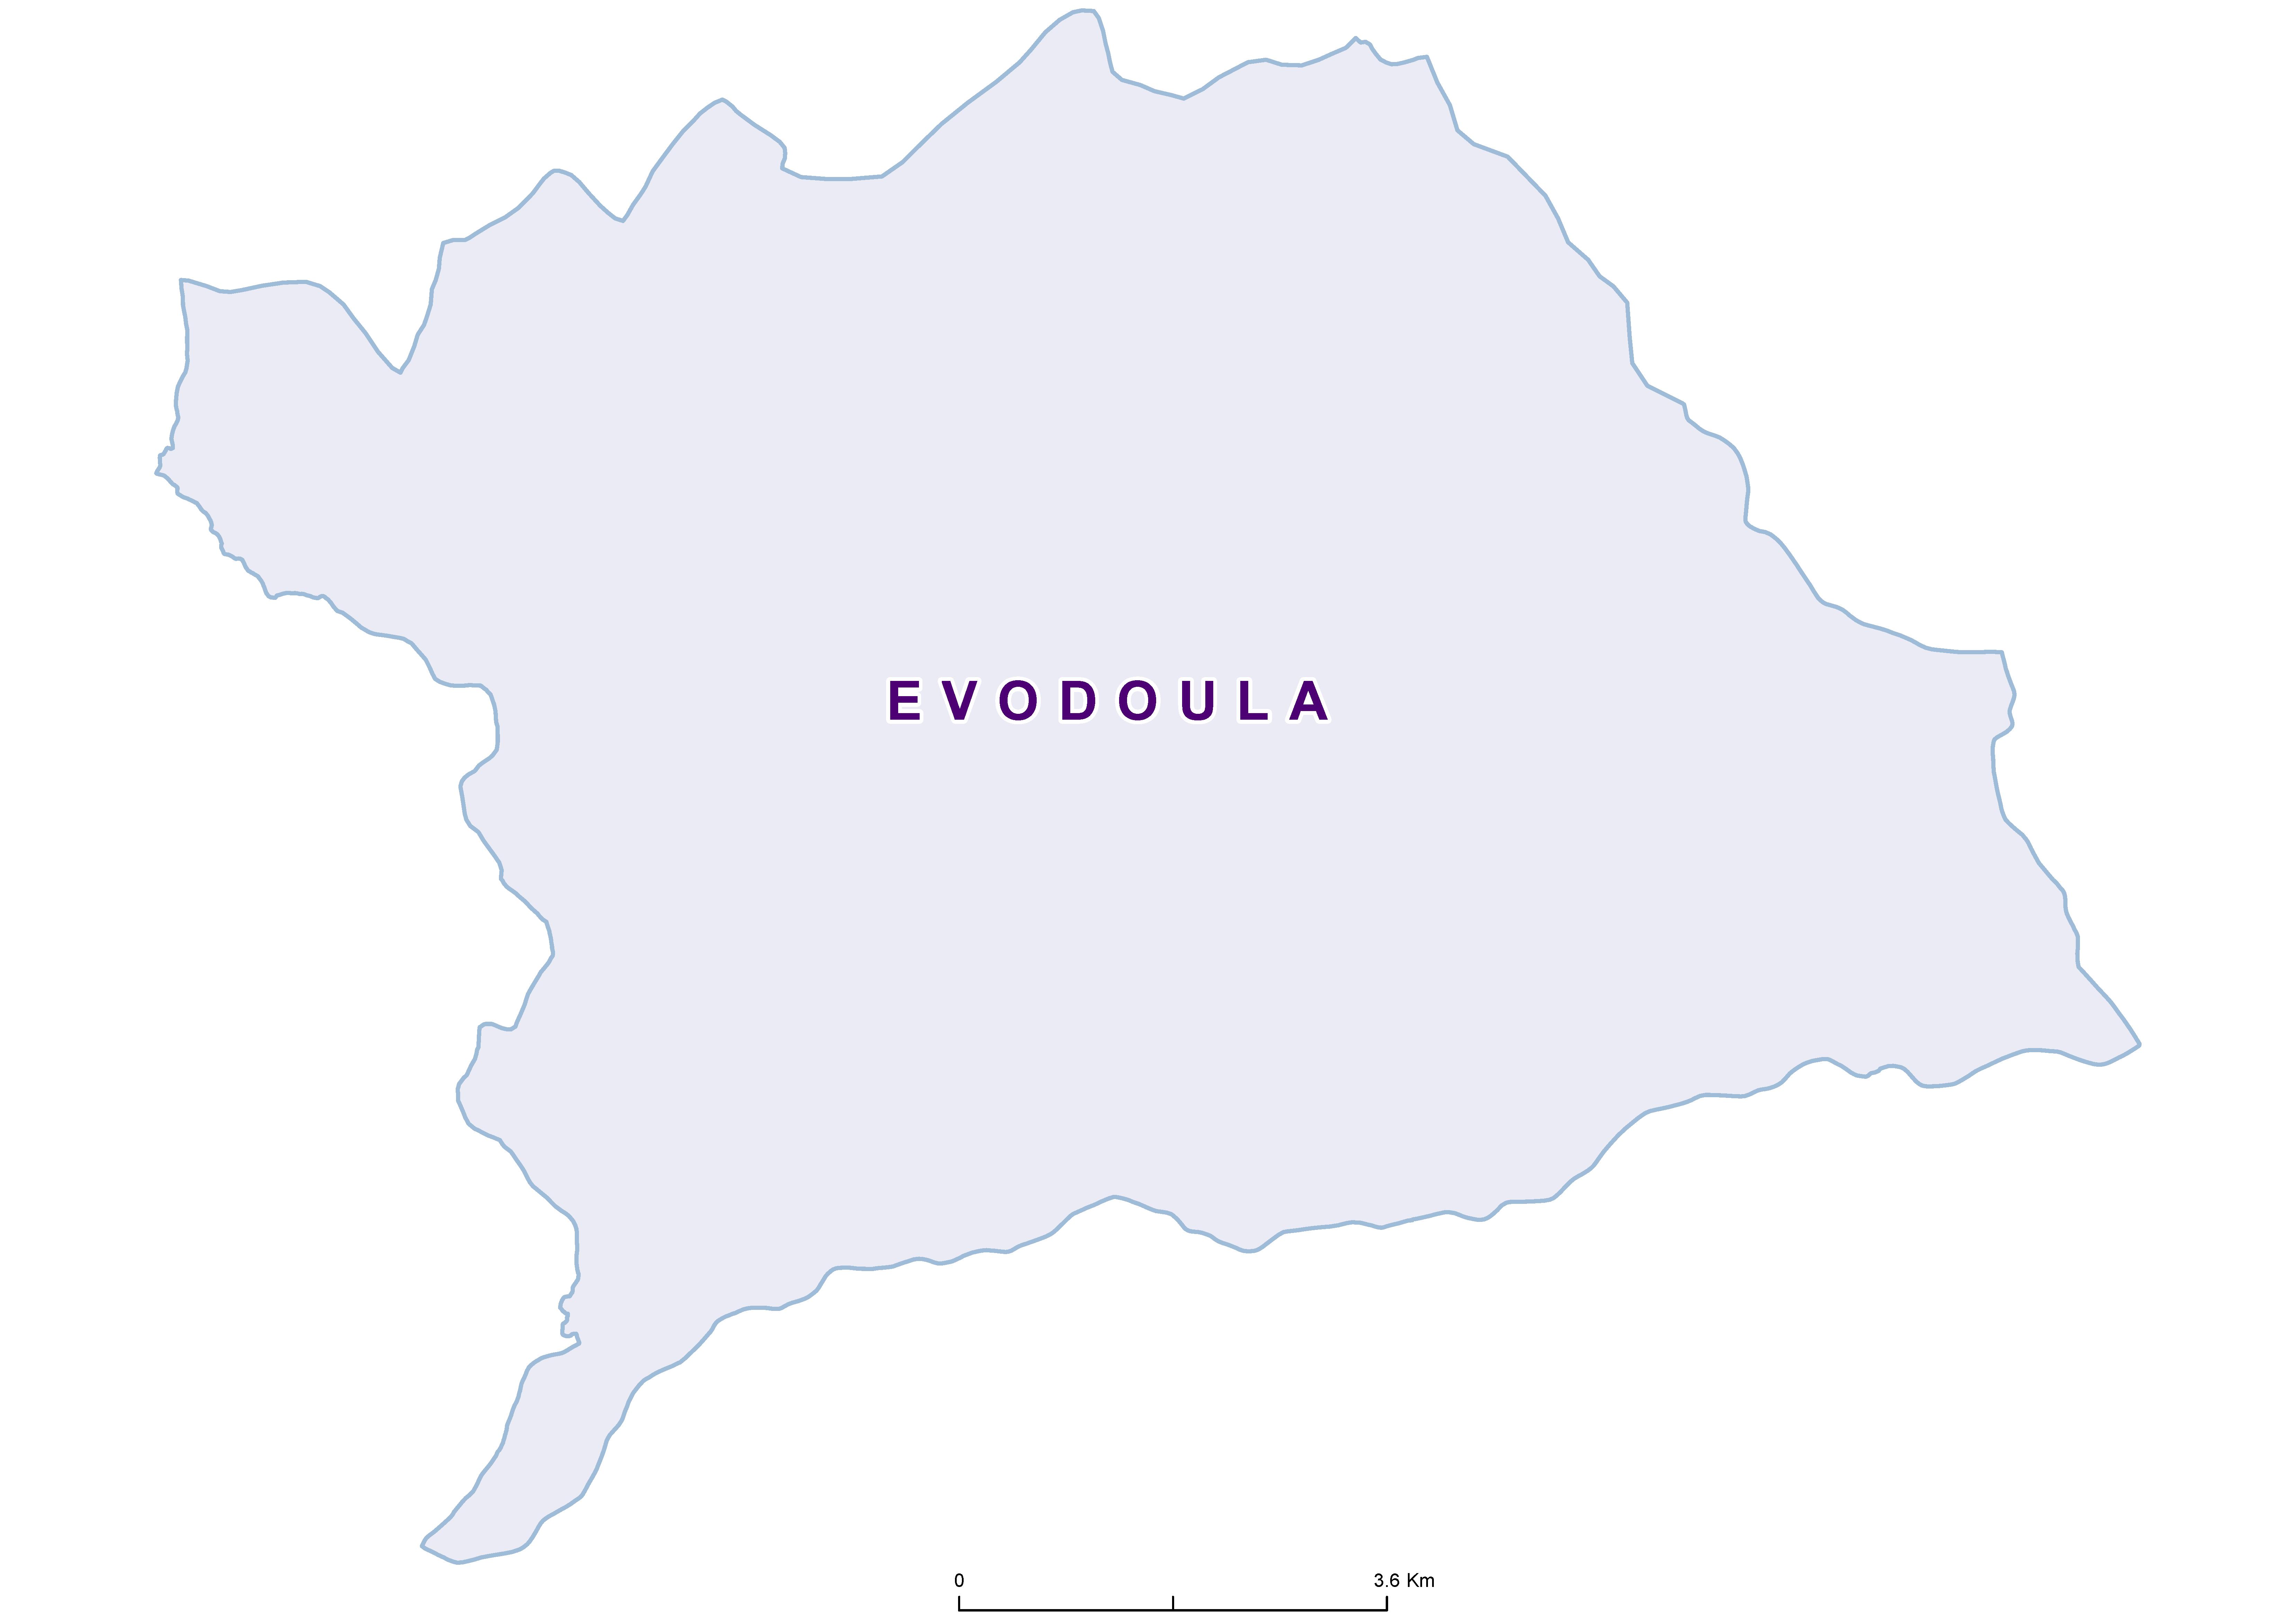 Evodoula Max SCH 20180001